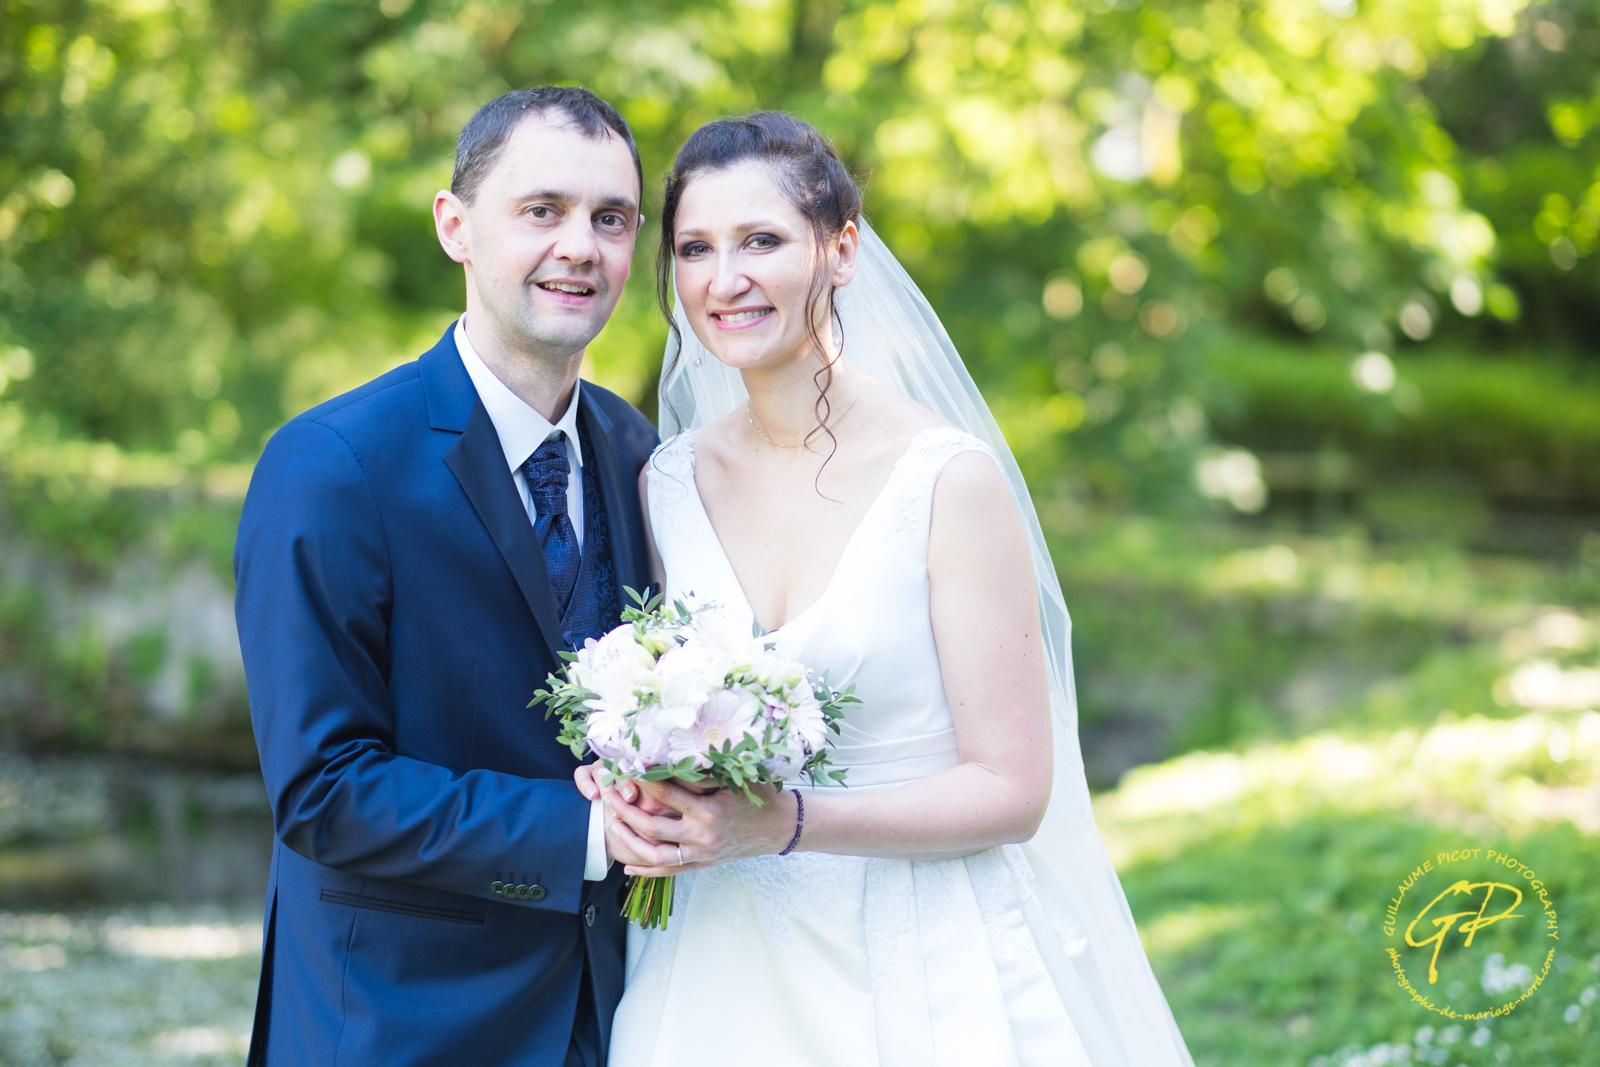 mariage gentilhommière-23